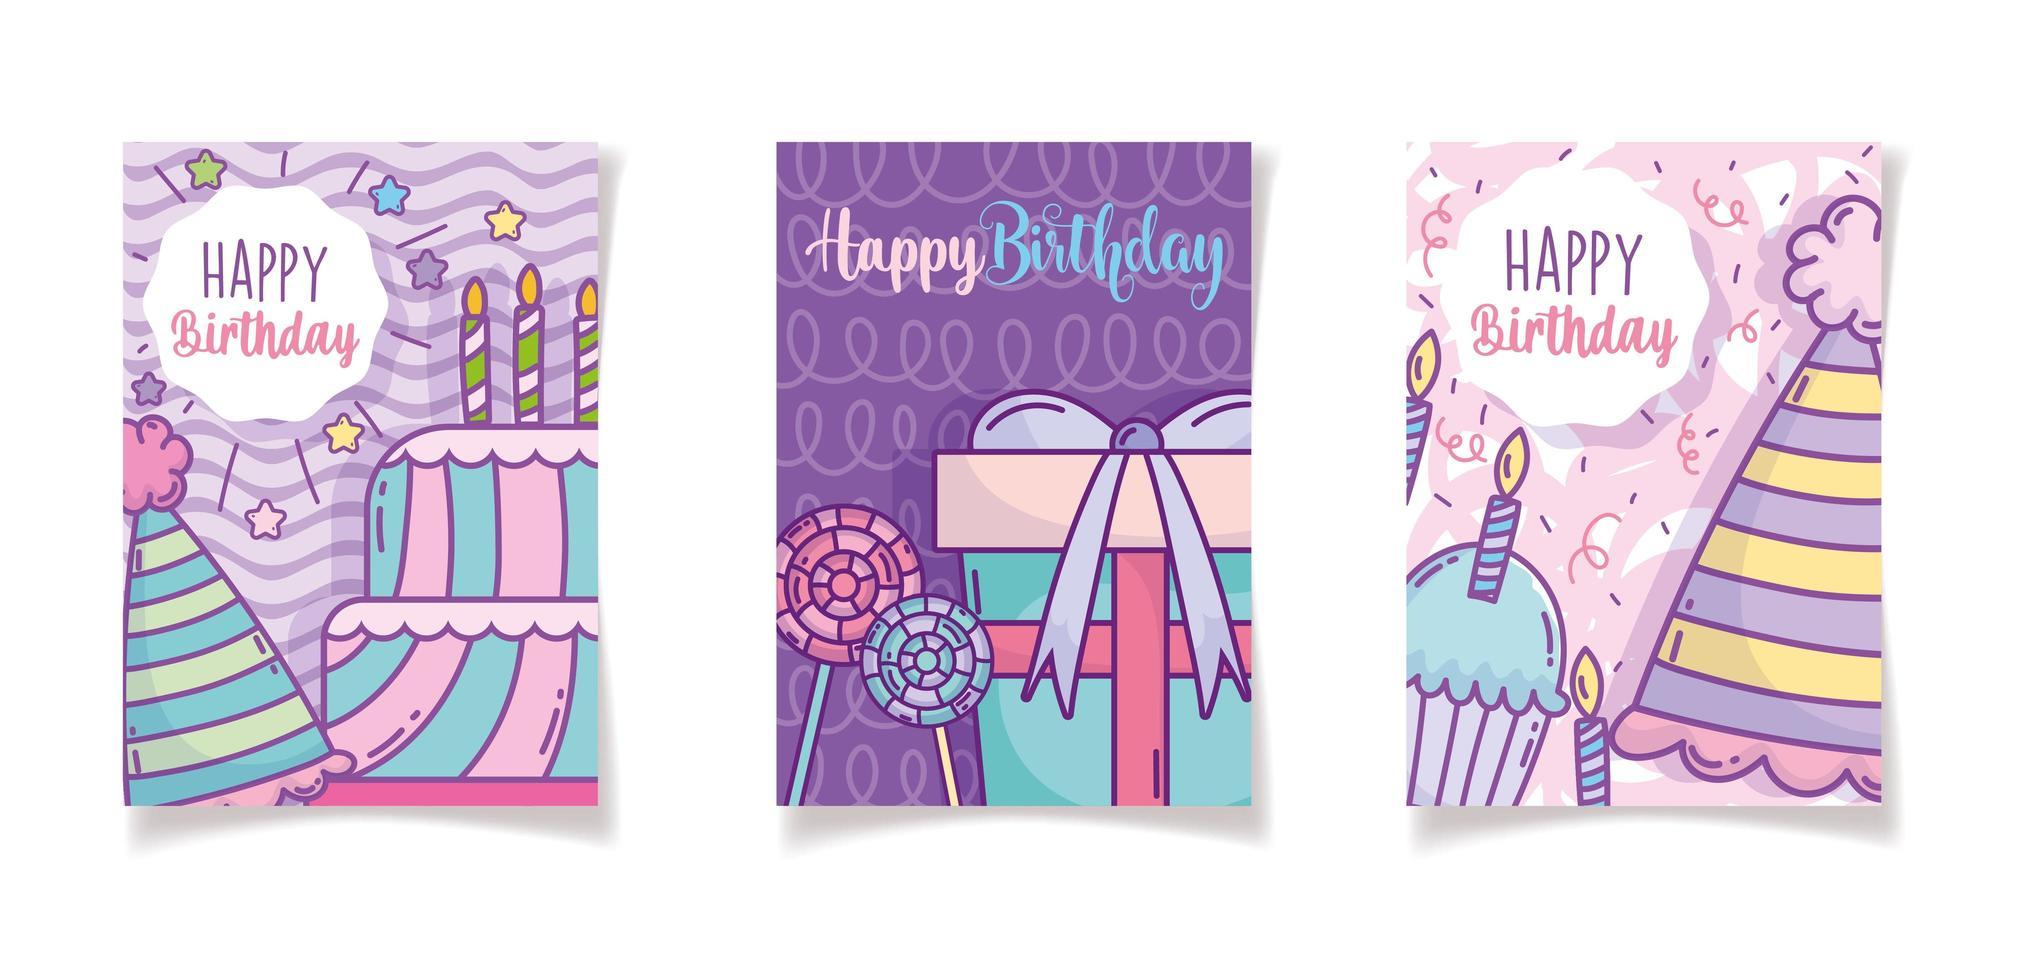 födelsedag gratulationskort mall vektor